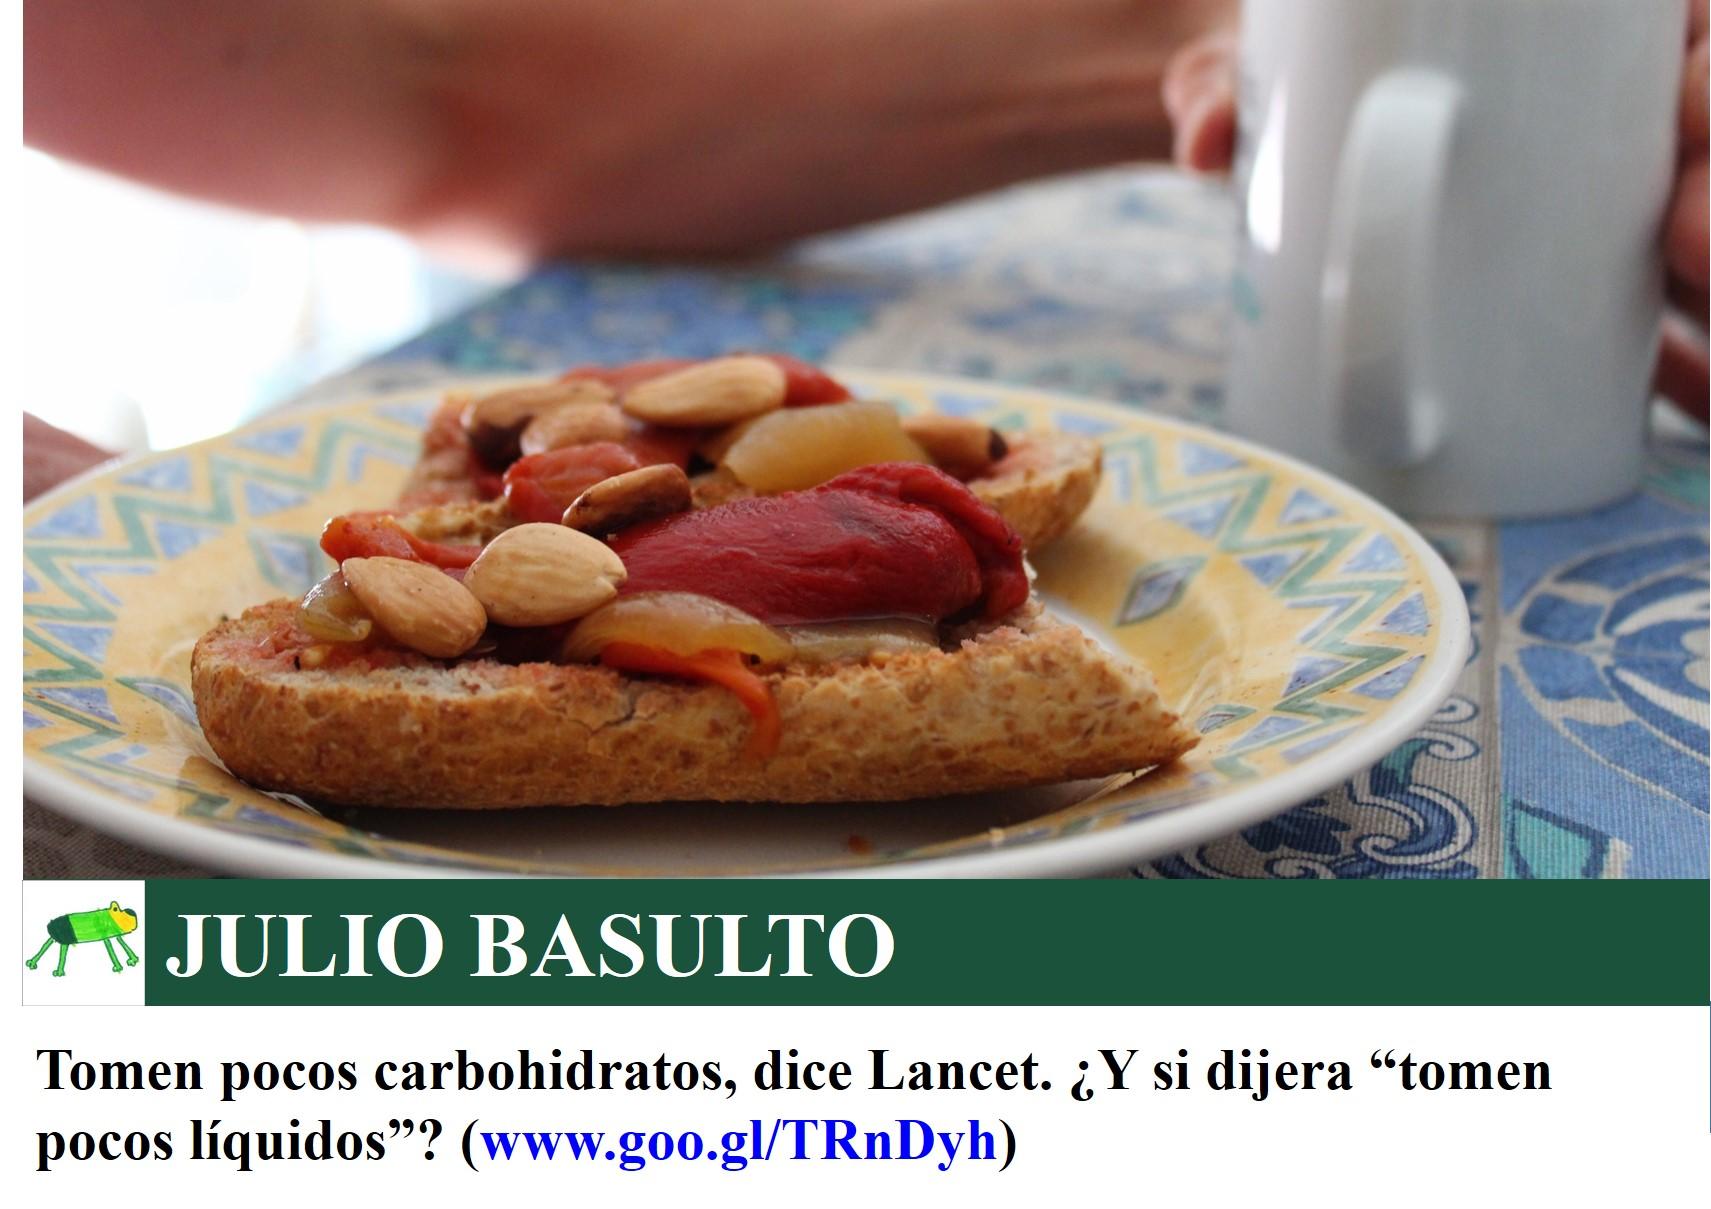 """Tomen pocos carbohidratos, dice Lancet. ¿Y si dijera """"tomen pocos líquidos""""?"""